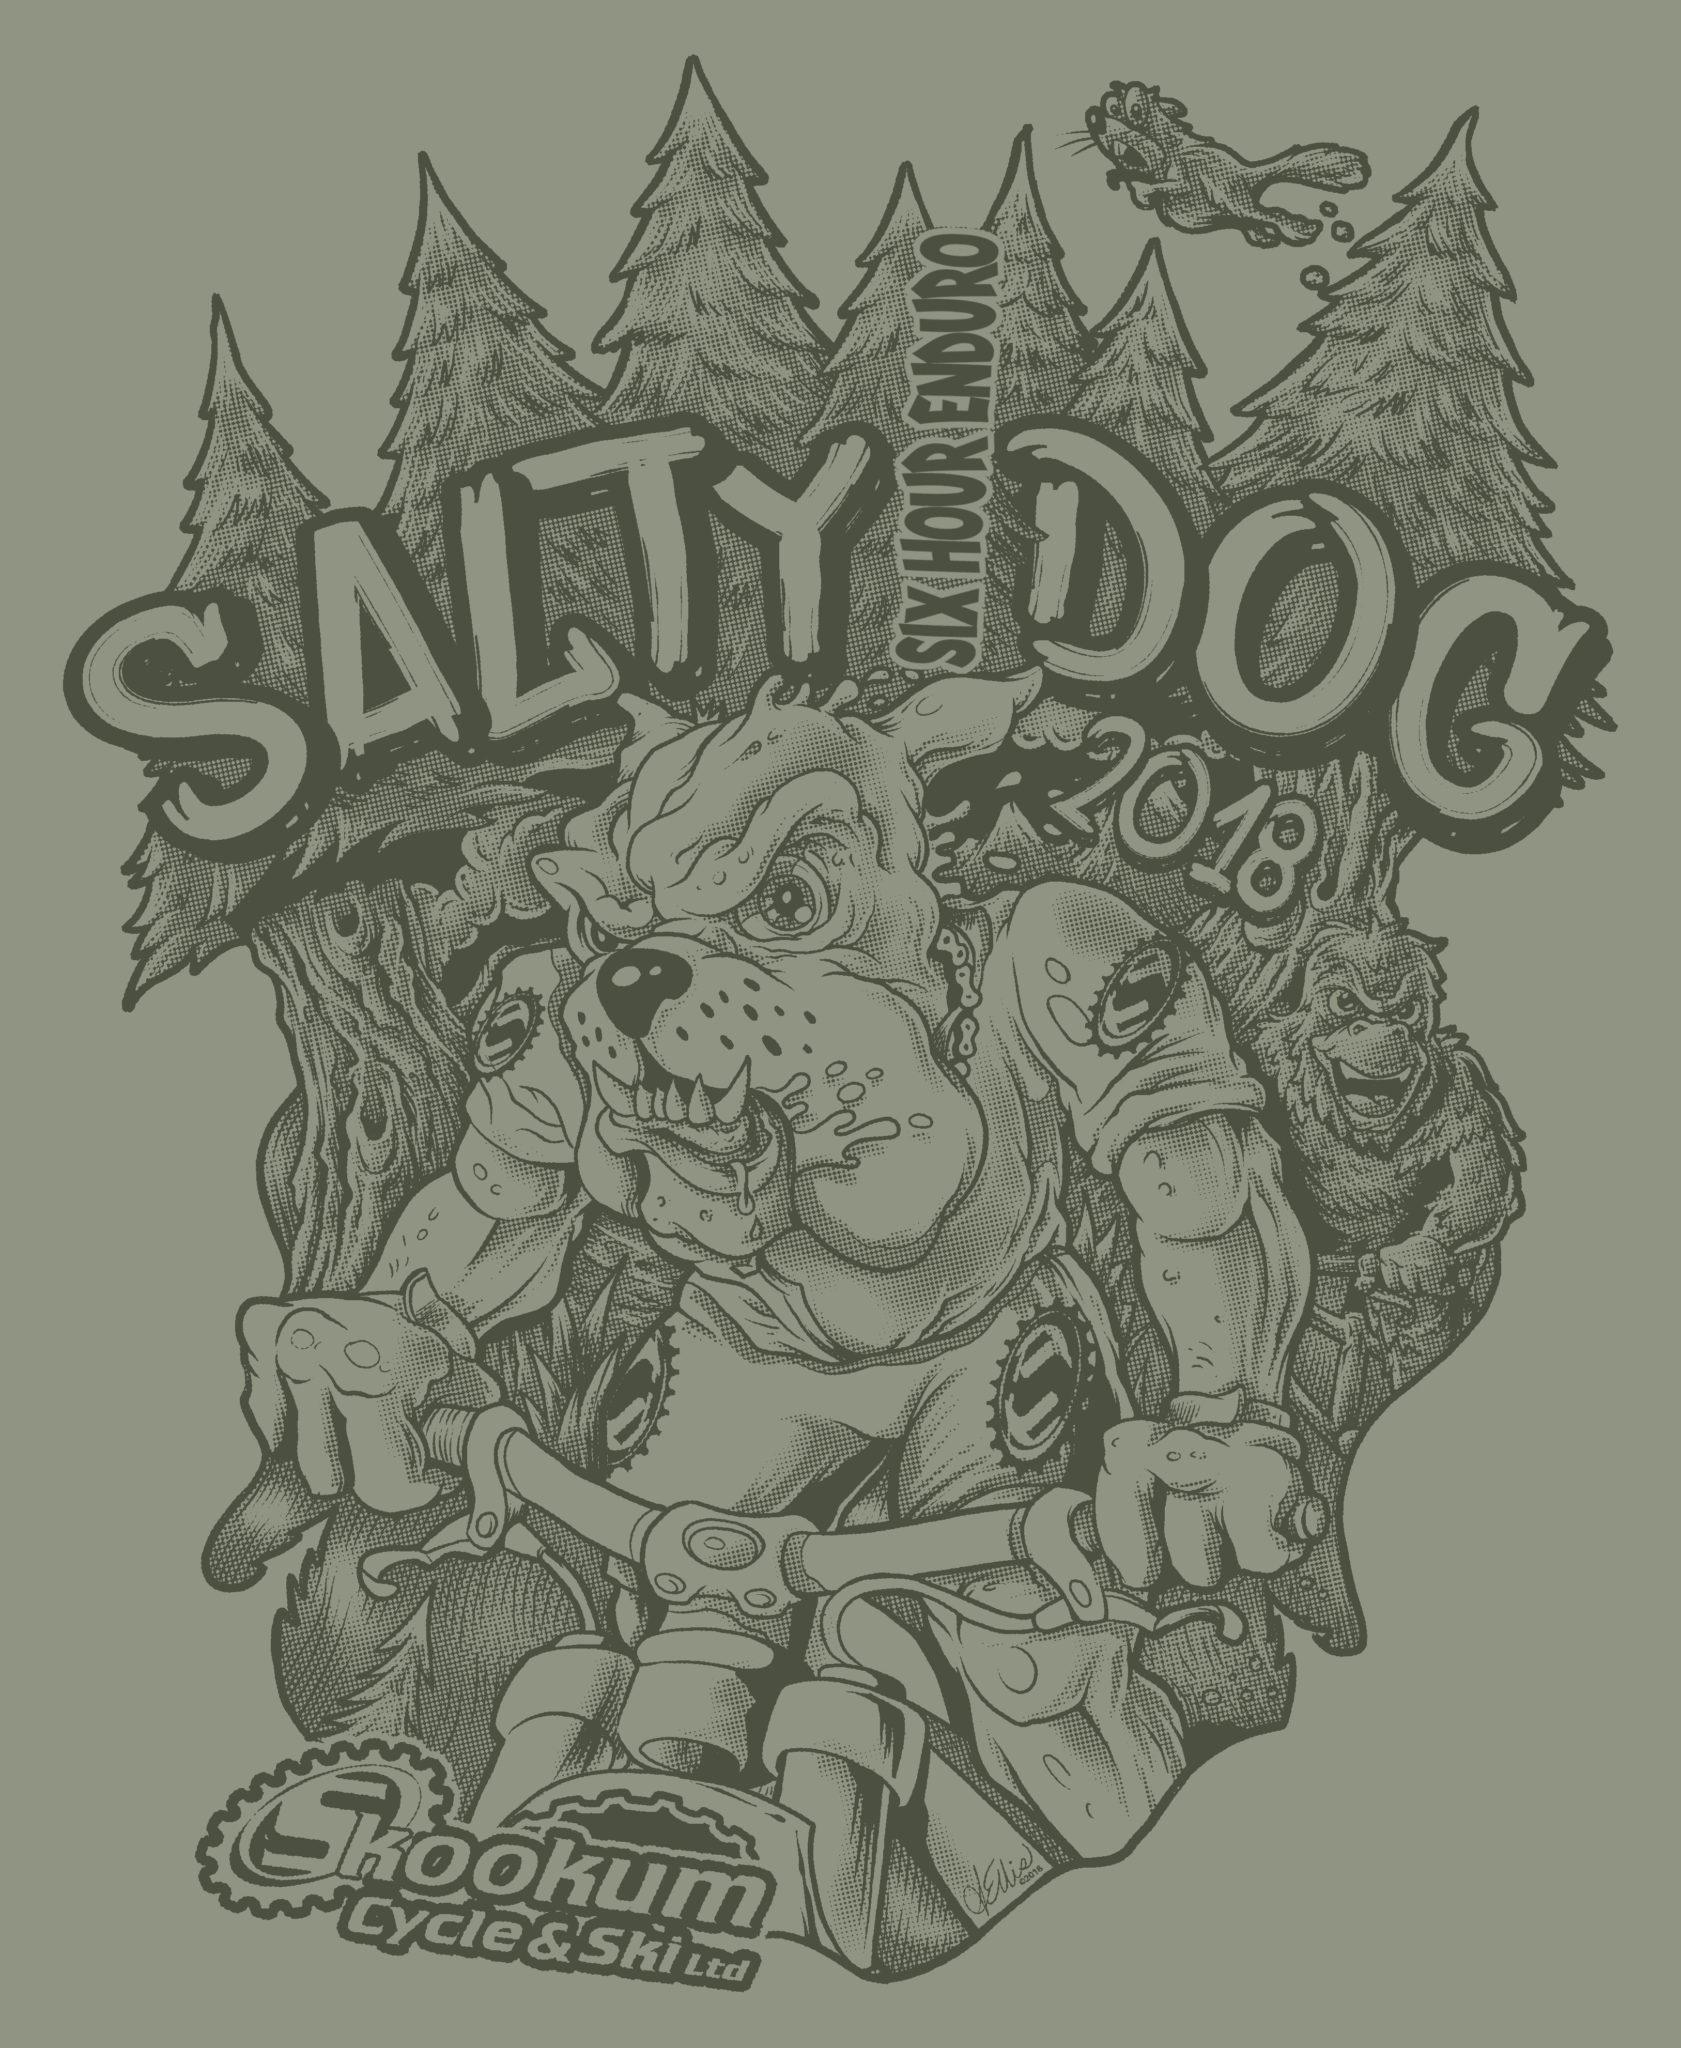 SaltyDog_2018.jpg